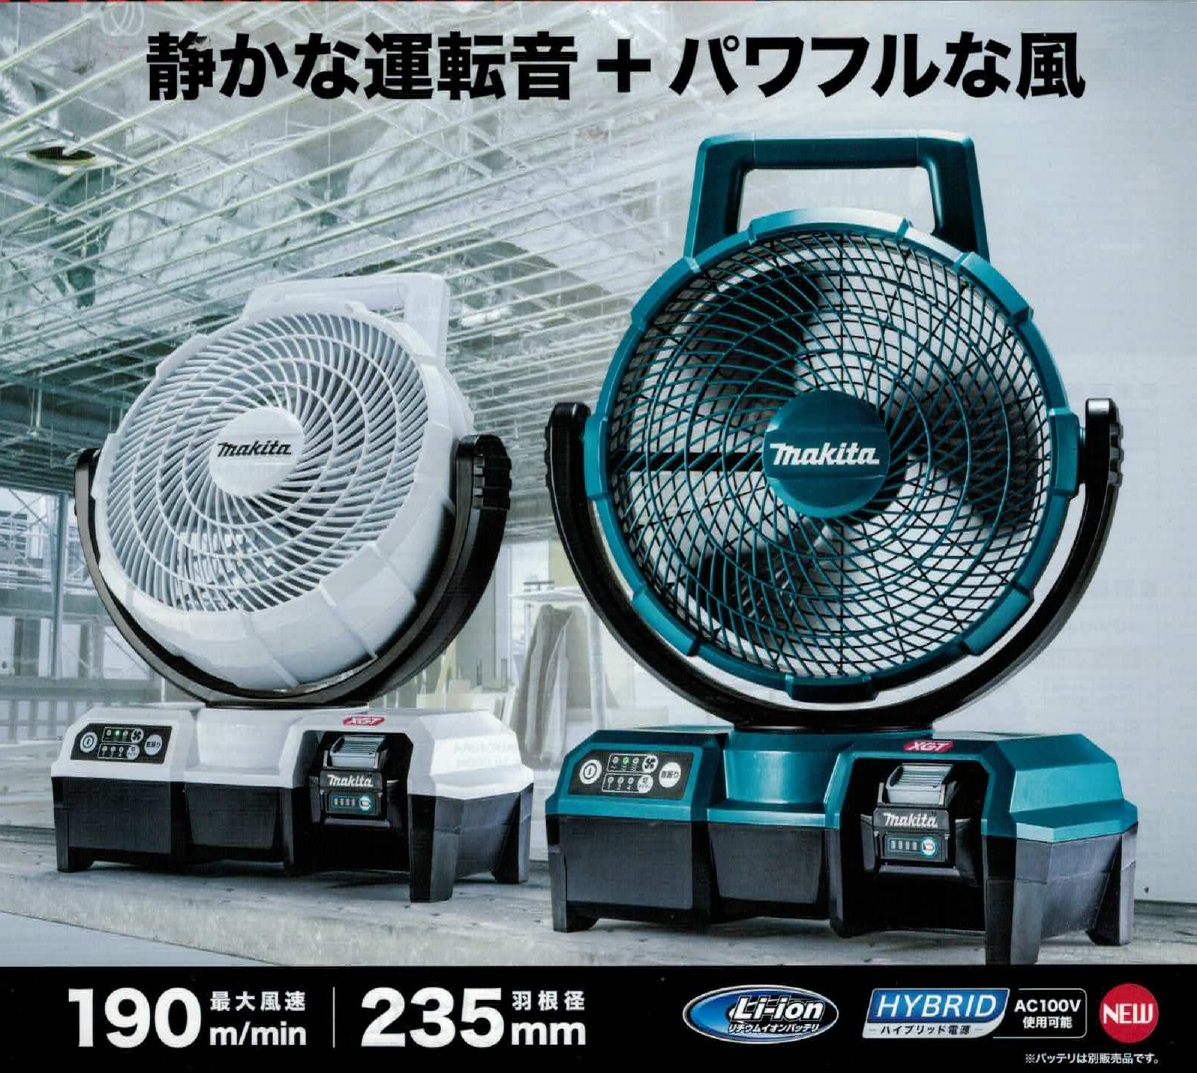 マキタ 充電式ファン CF001GZ(本体のみ) 青 40V 首振りタイプ バッテリー、充電器は別売 扇風機 makita